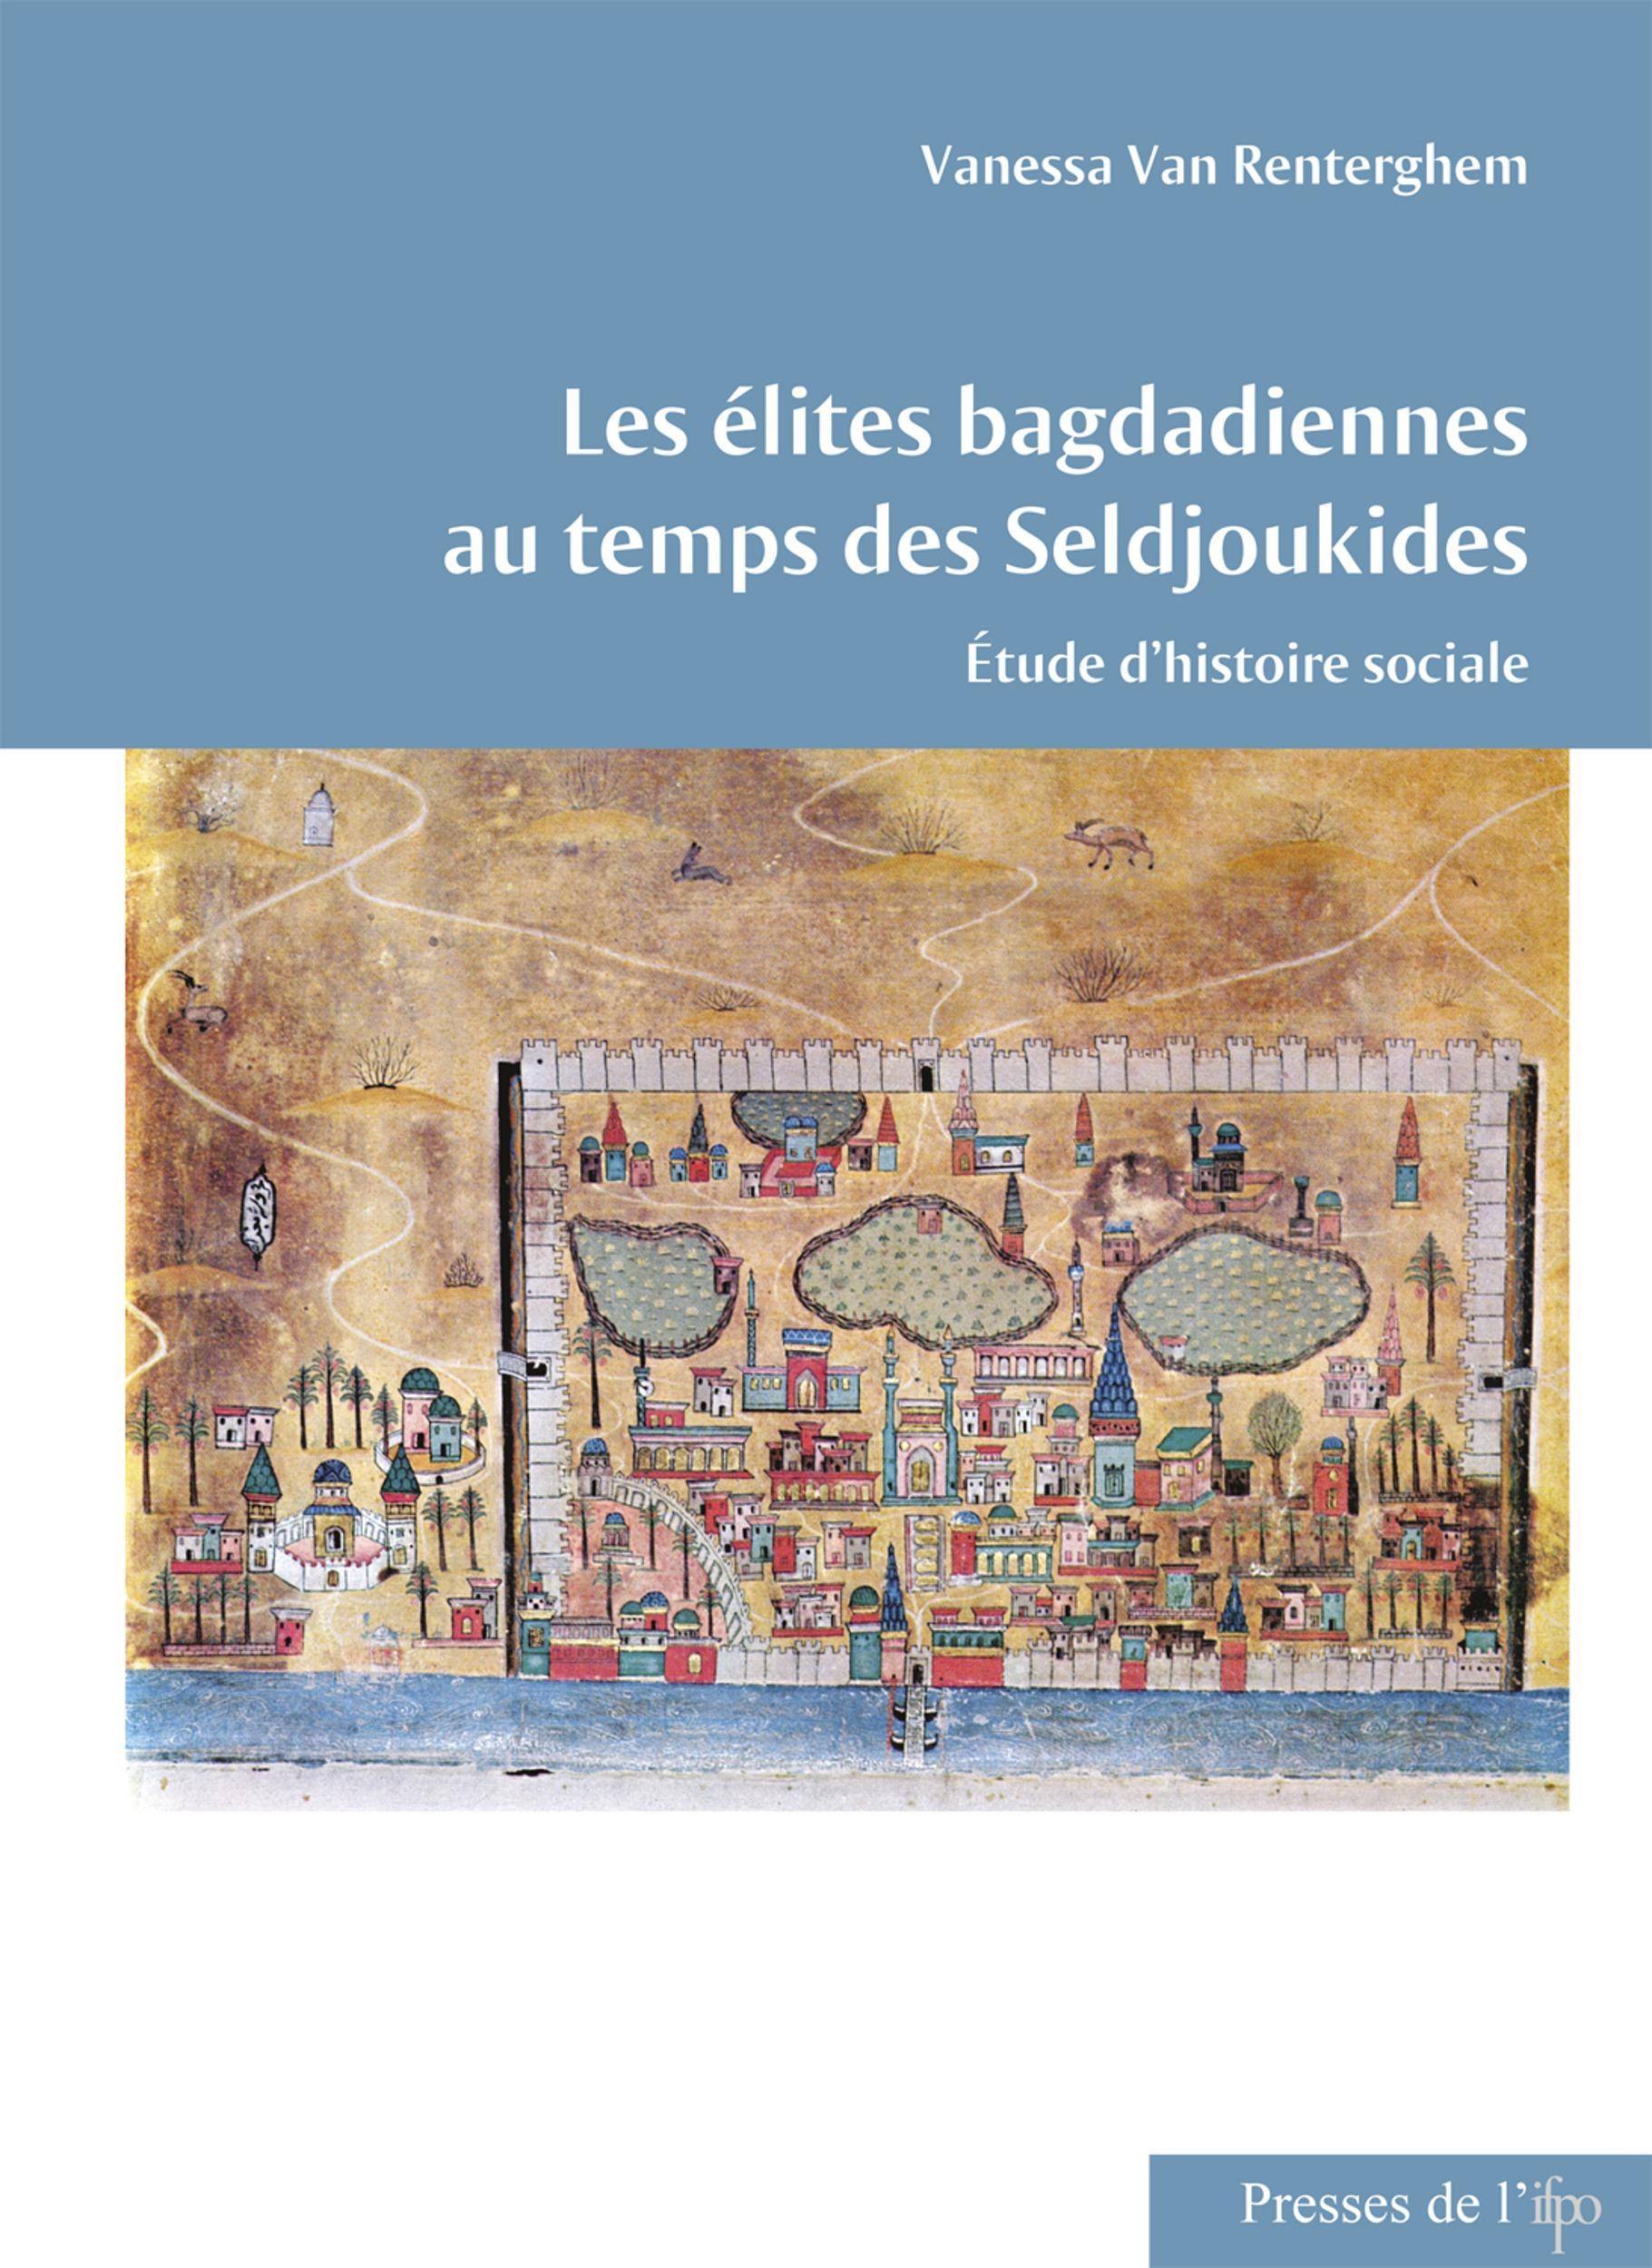 Les elites bagdadiennes au temps des seldjoukides. etude d'histoire sociale